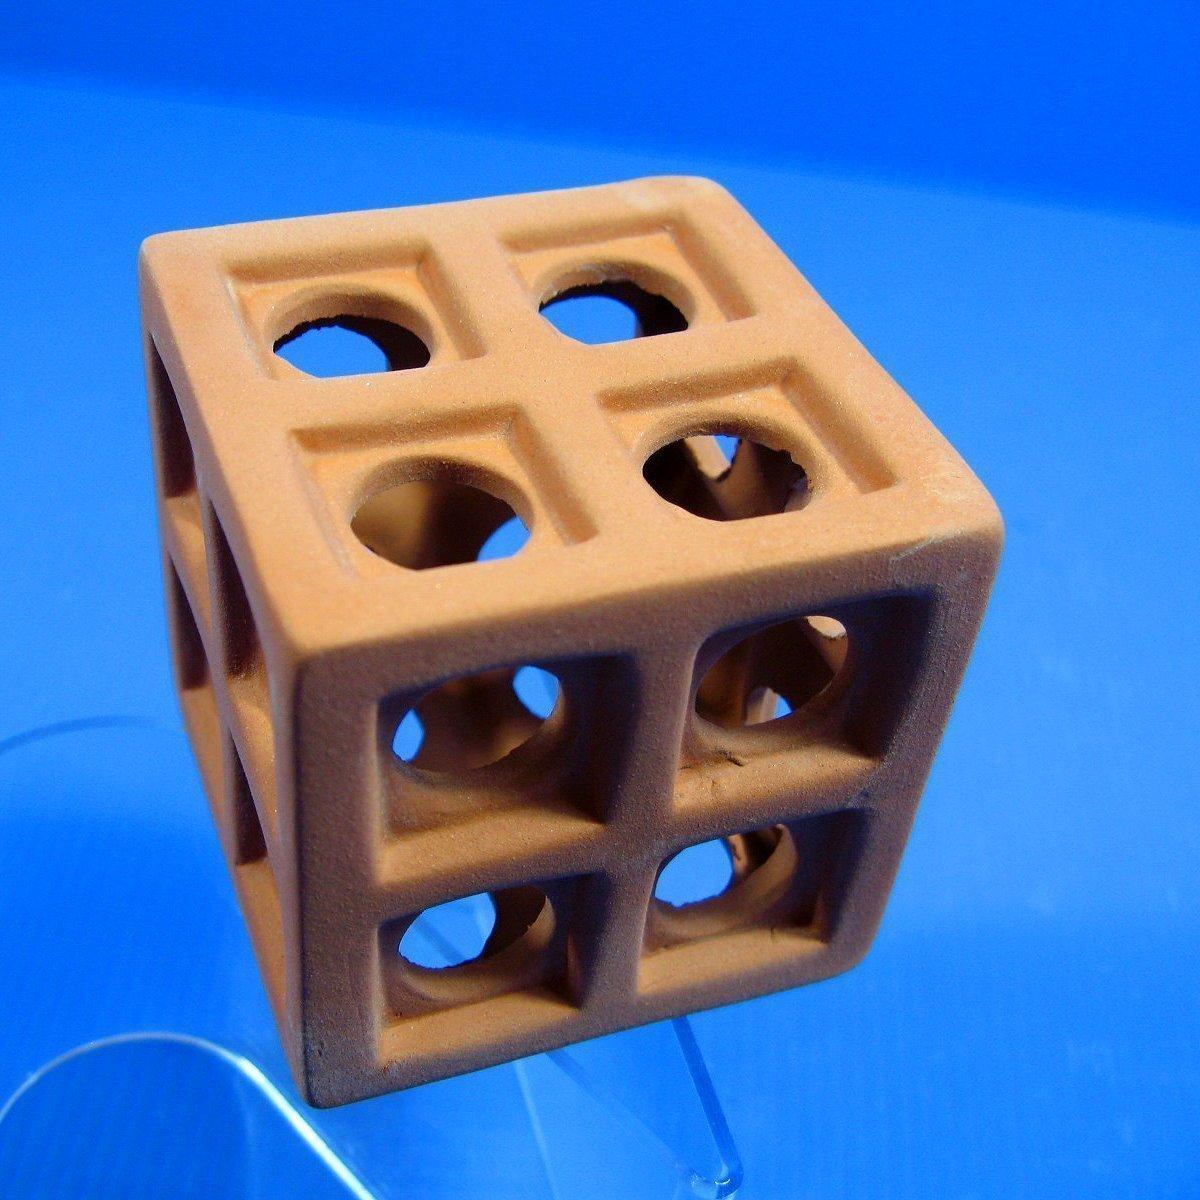 UP AQUA ceramica cubo cubo cubo barrier-Decorazione per acquari a forma di grotta, per terrario, razza cichlid DECOR per l'allevamento dei pesci c4d6d9